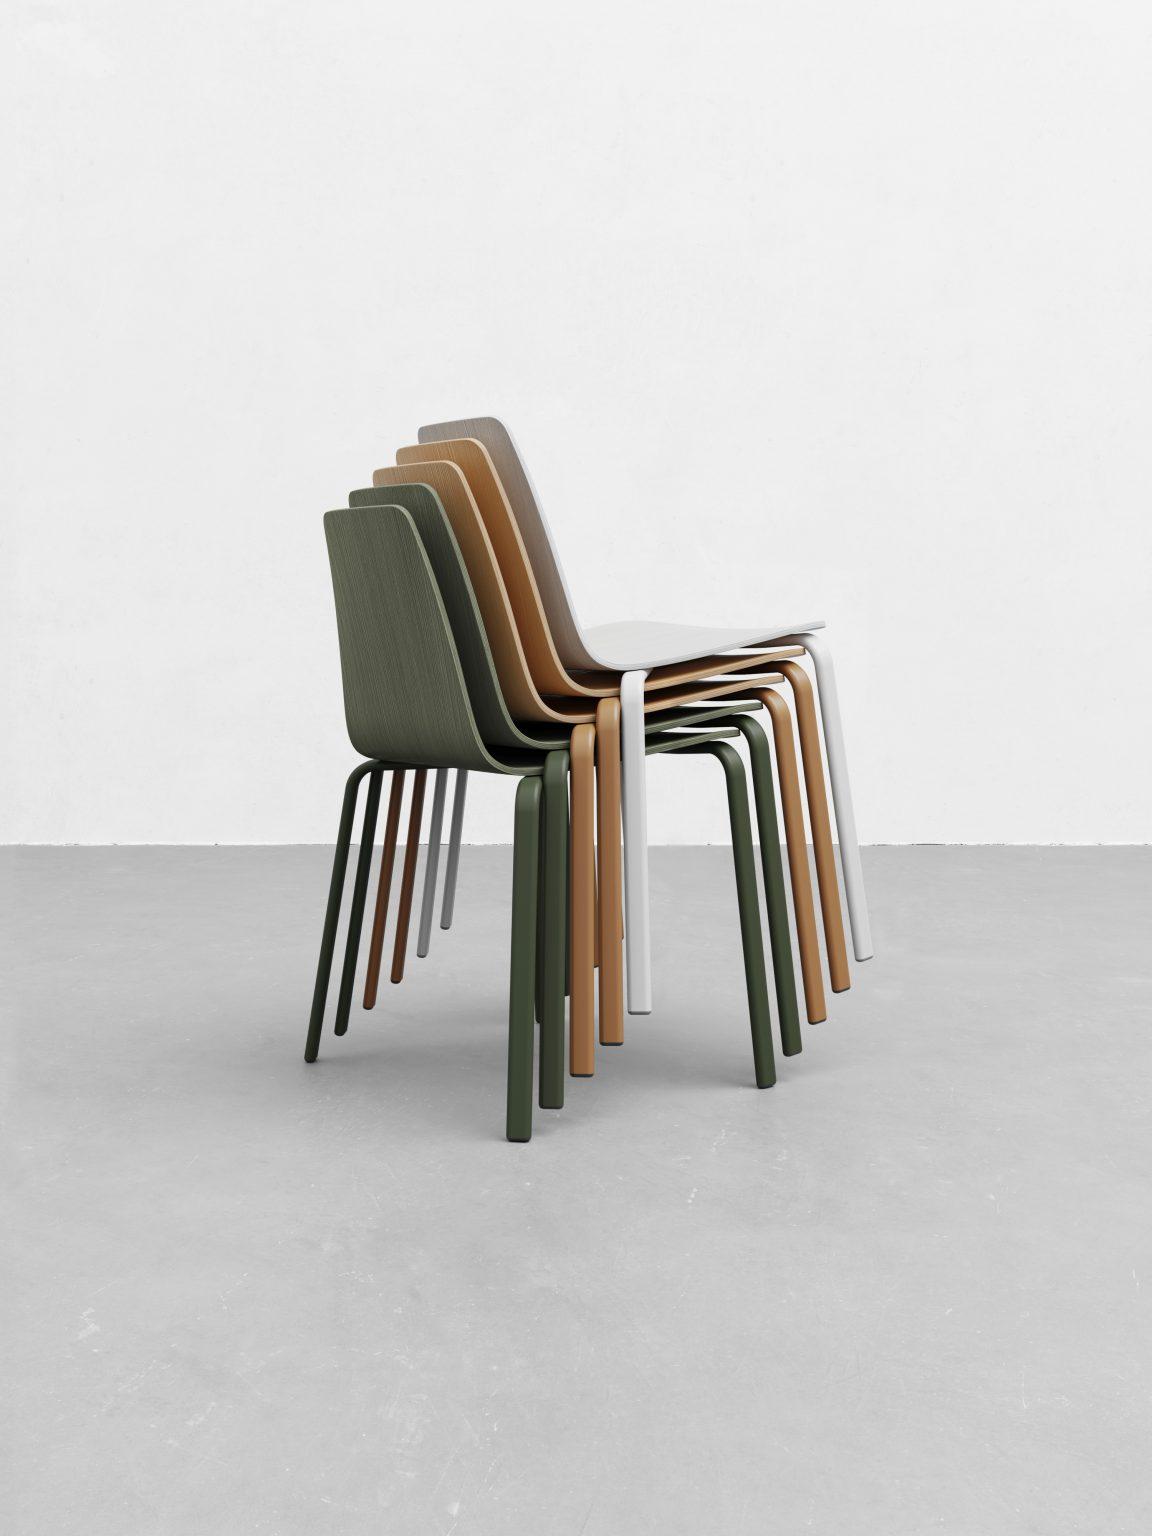 Biennale Interieur - Belgium's leading design and interior event - Alki-atal-fuwl-06.jpg